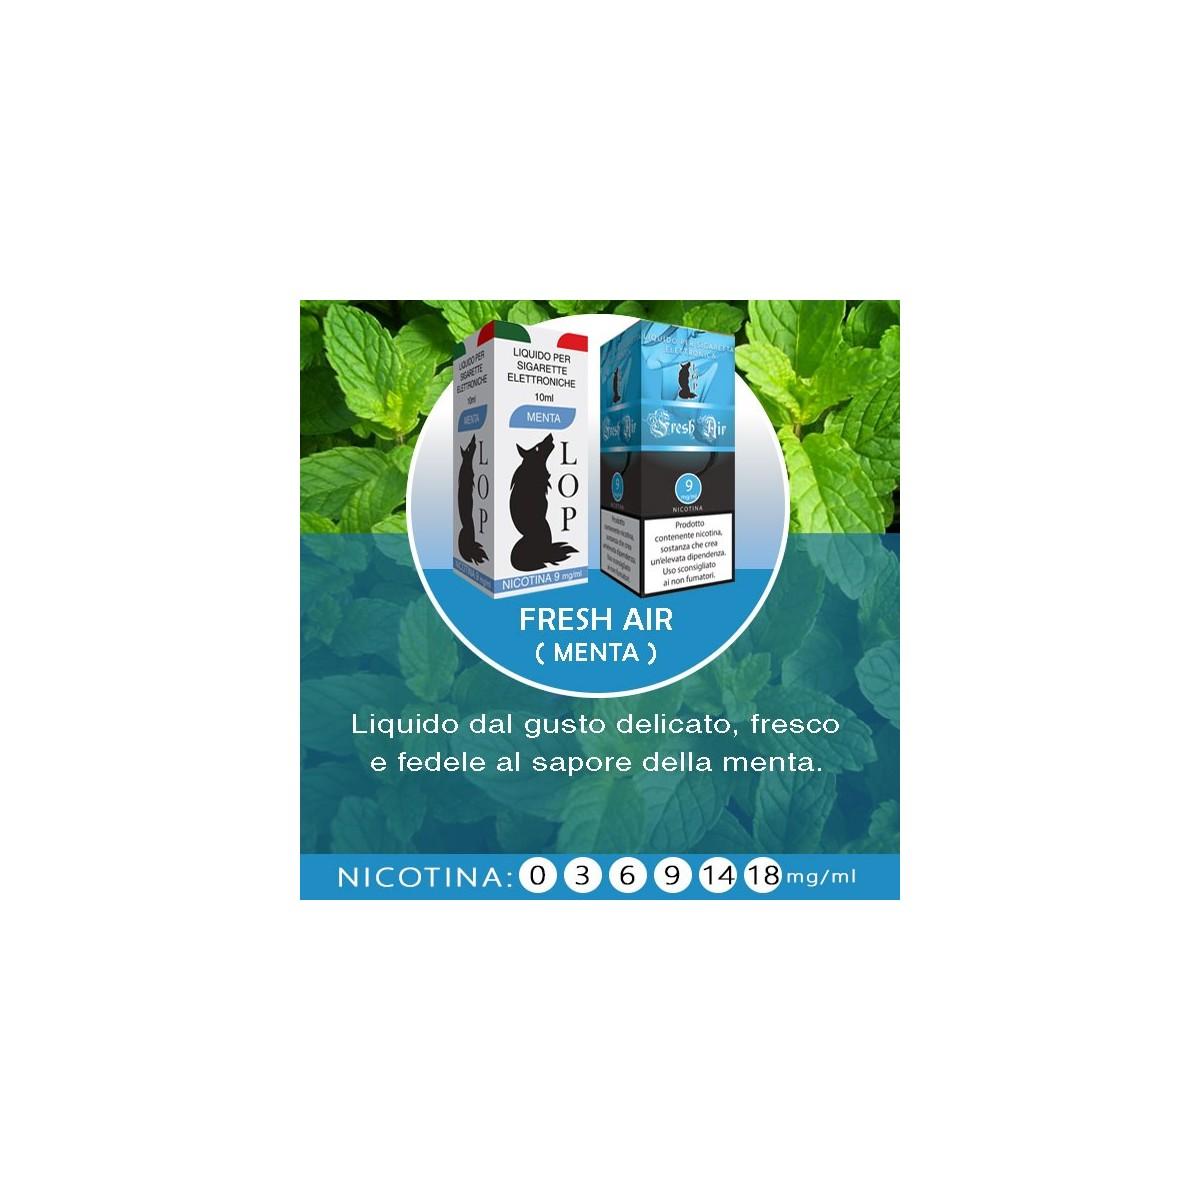 LOP - Fresh Air (menta) 10ml-0mg/ml